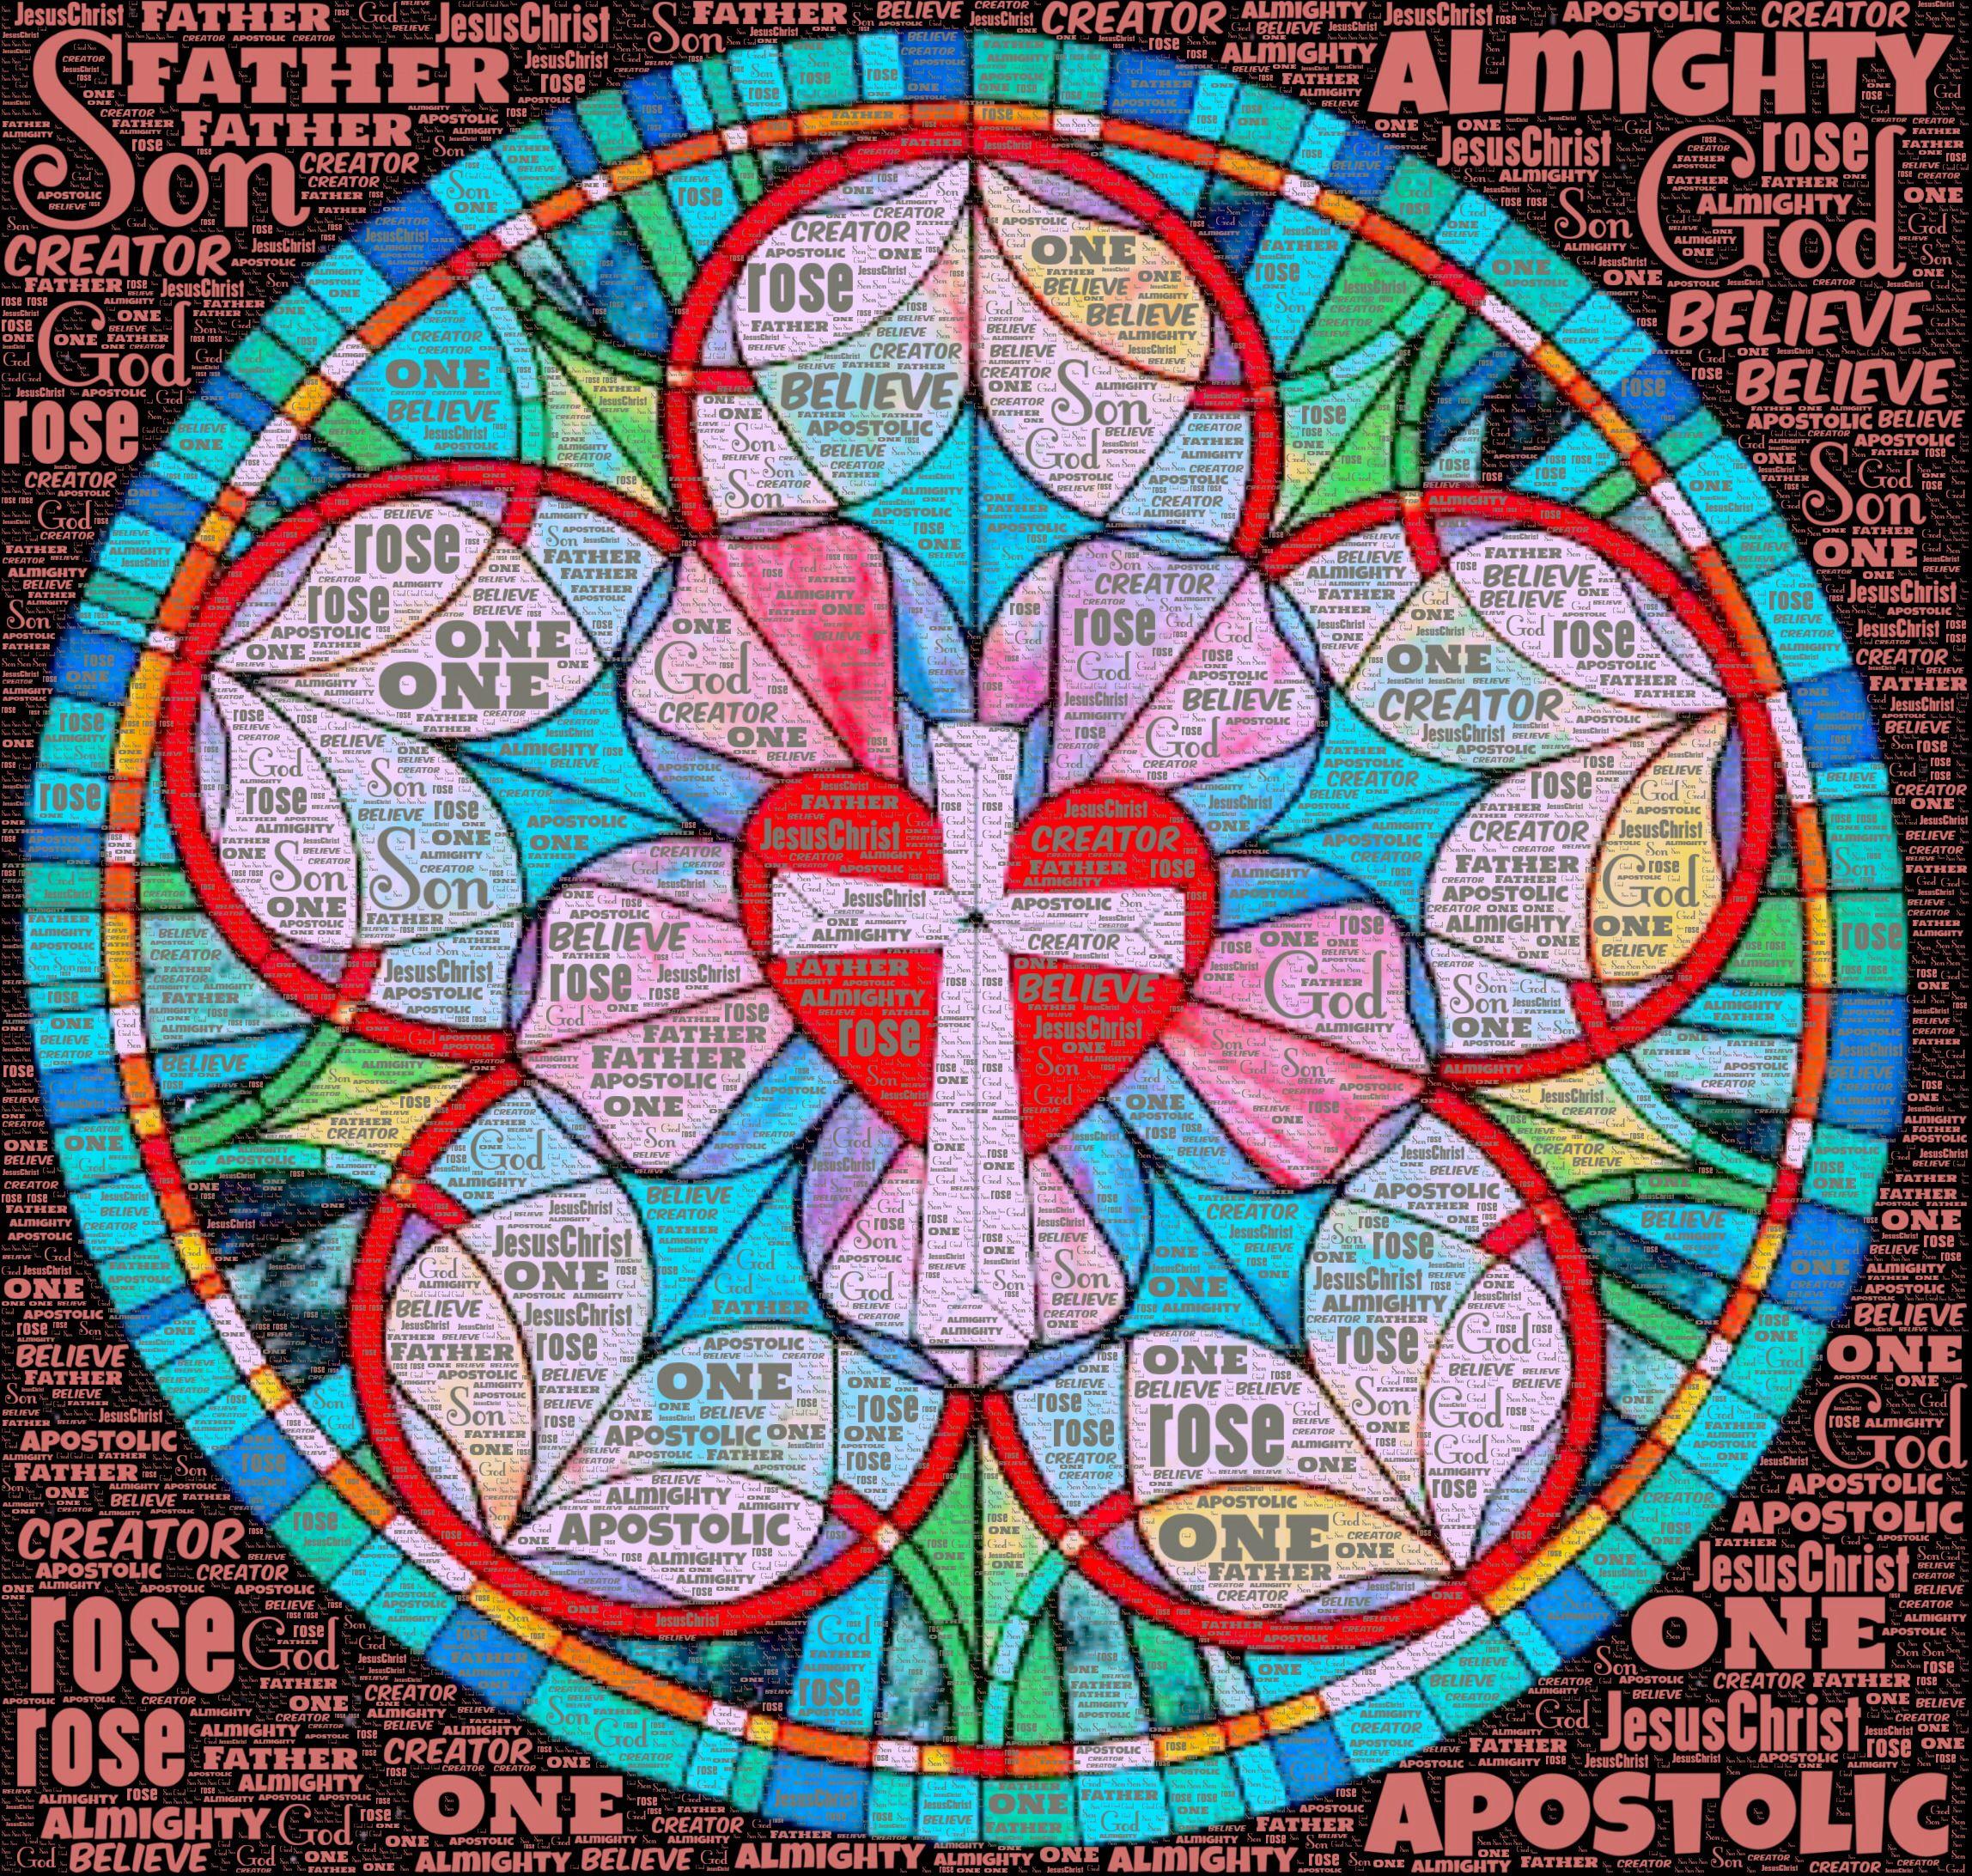 Apostle S Creed Gorgeous